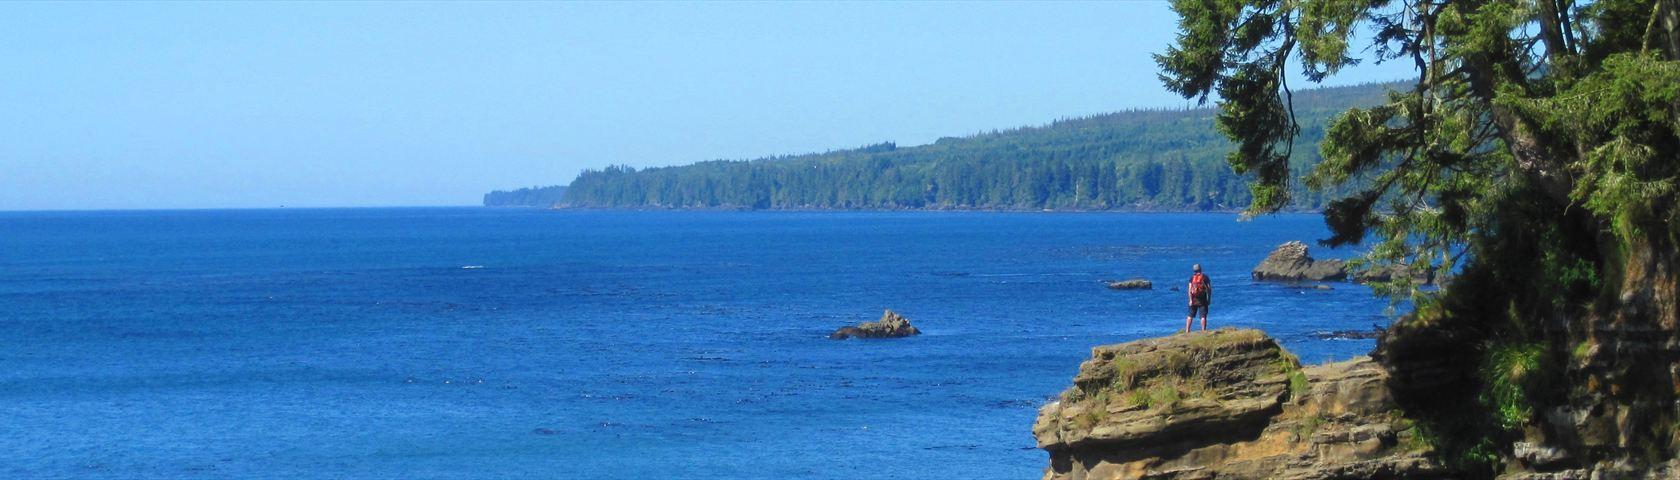 Sea So Blue